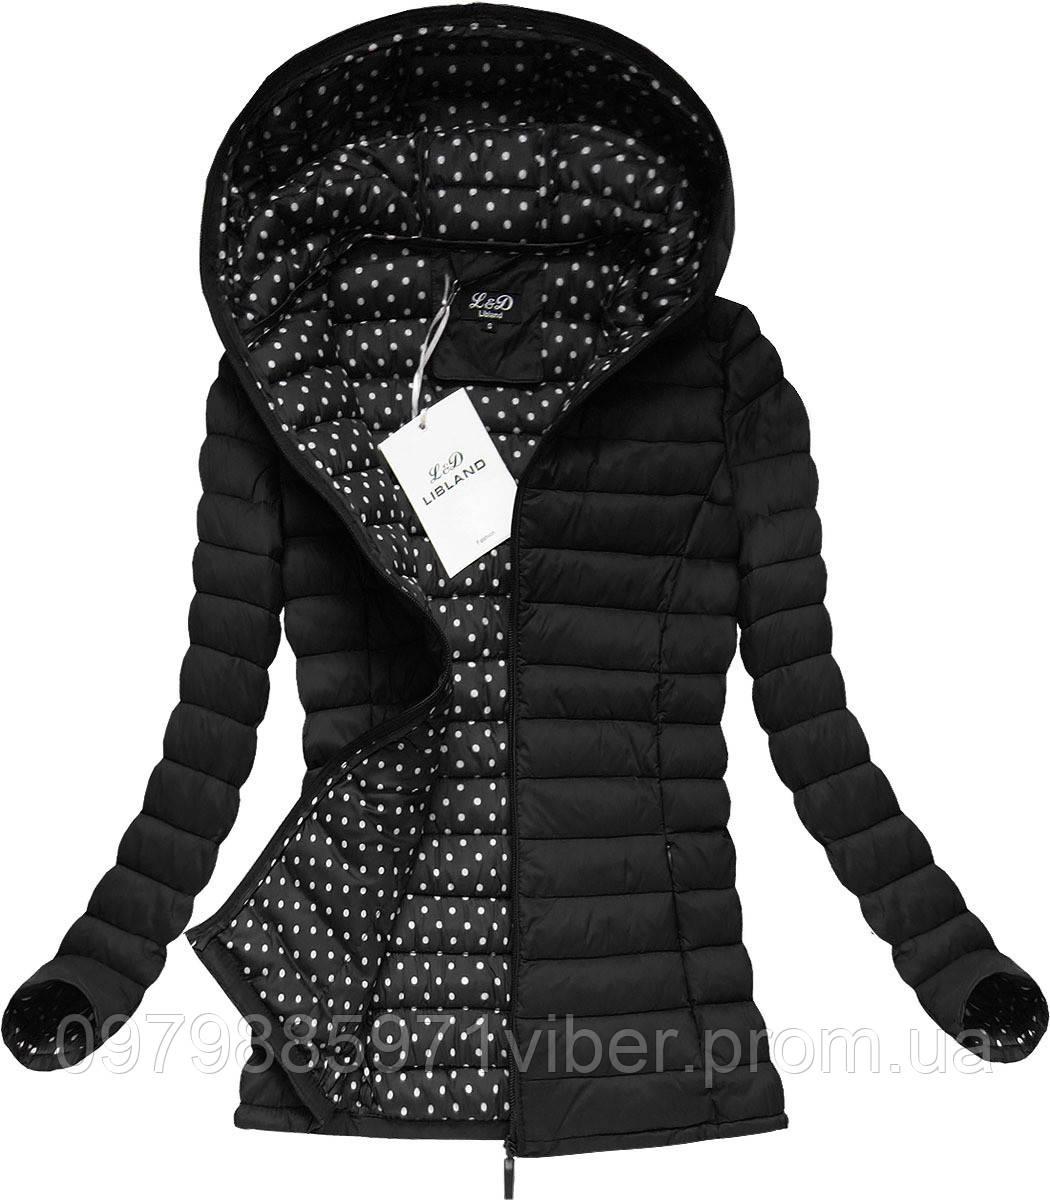 03d7ad969ed Весенняя и осенняя женская стеганая куртка с капюшоном - Доставка товаров  из Польши в Львове